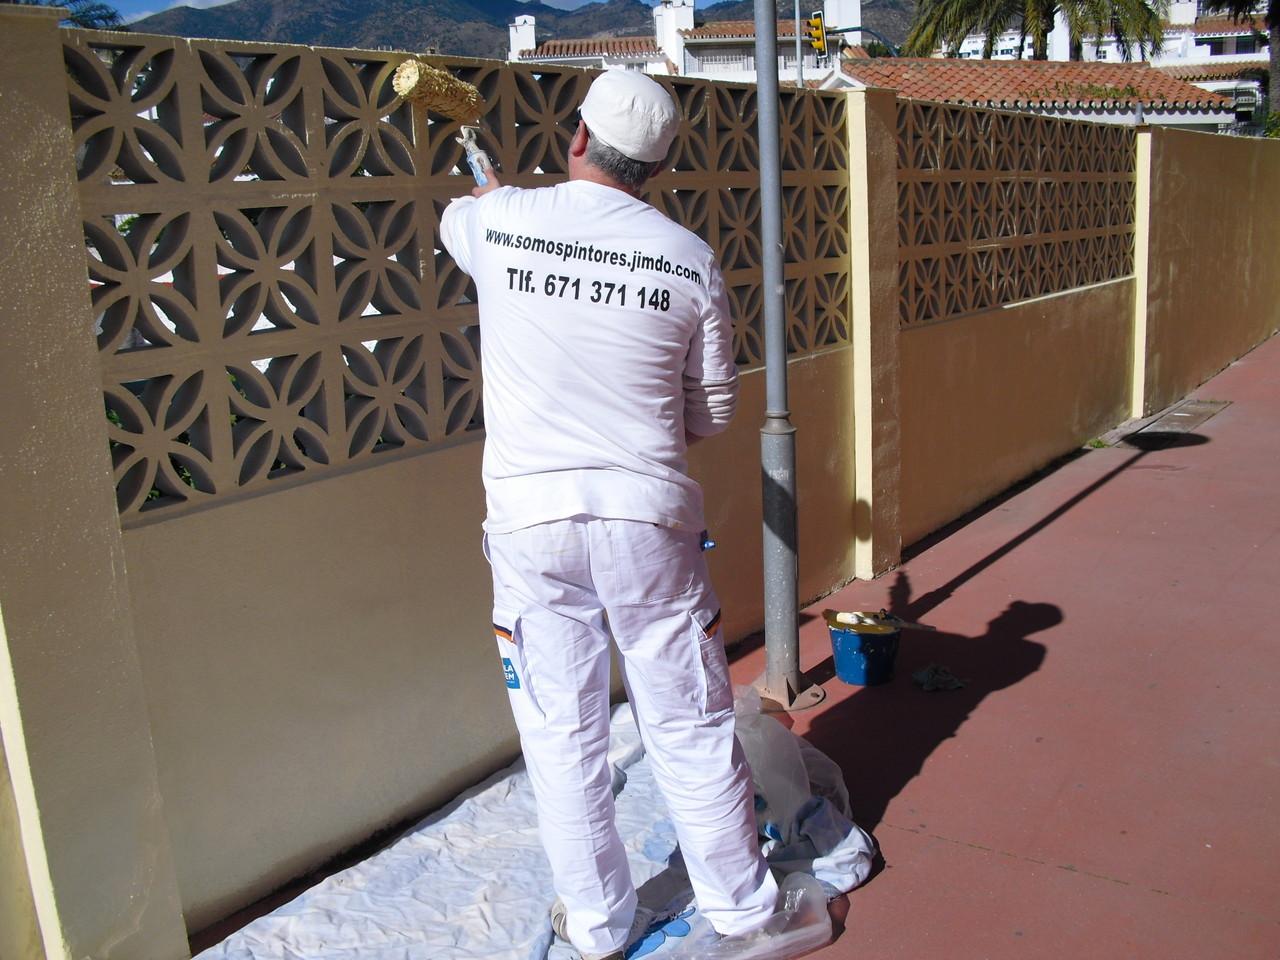 Pintores en malaga torremolinos benalmadena pintor malaga for Presupuesto para pintar